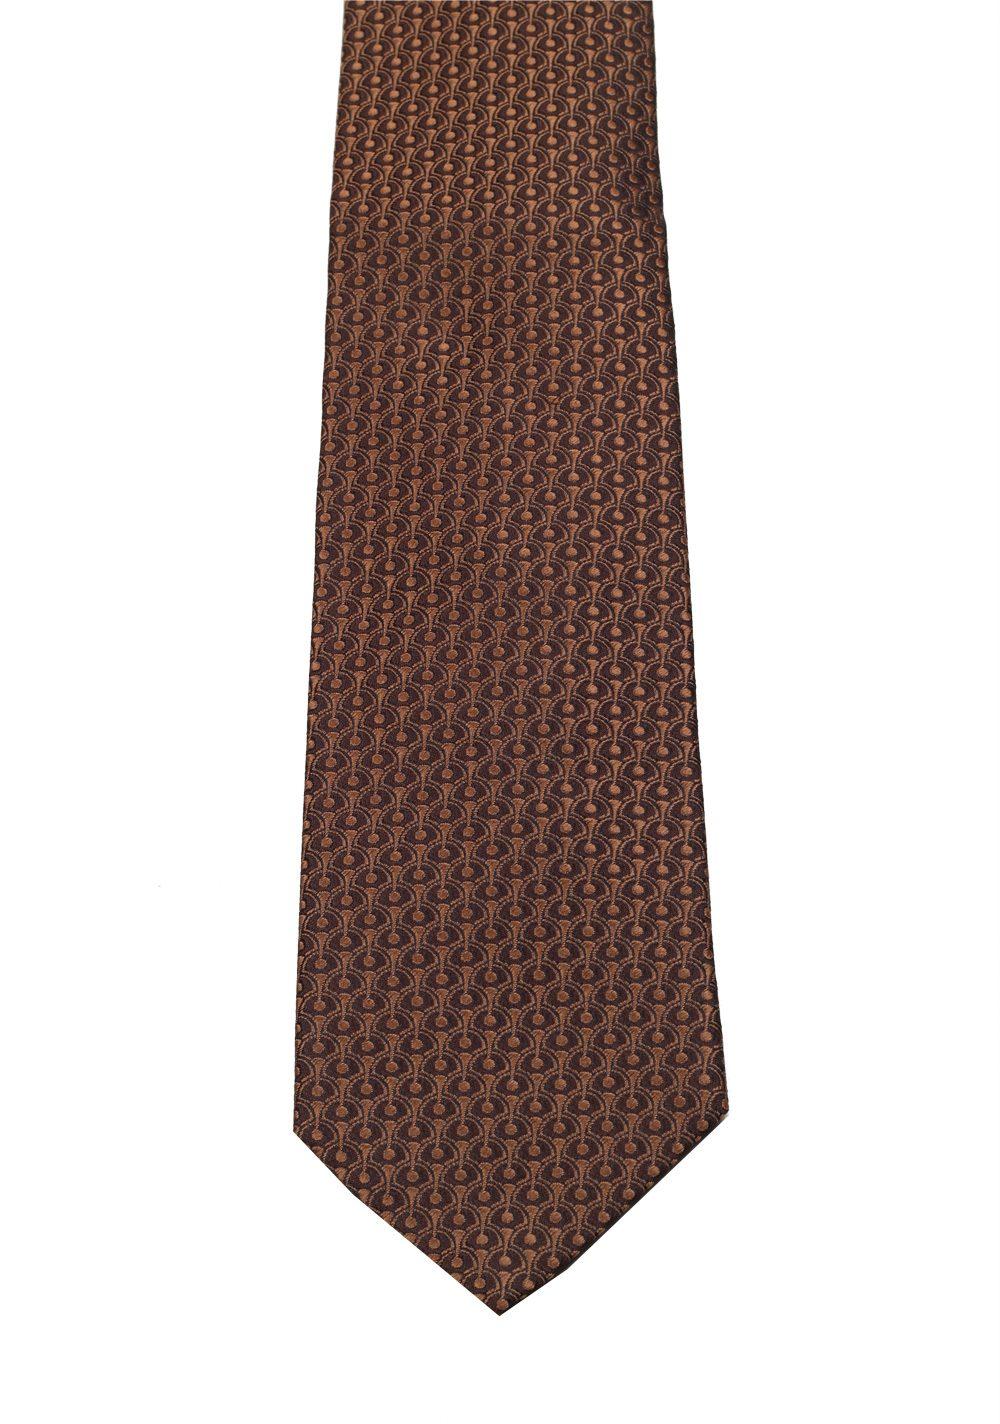 Gucci Brown Patterned Tie | Costume Limité